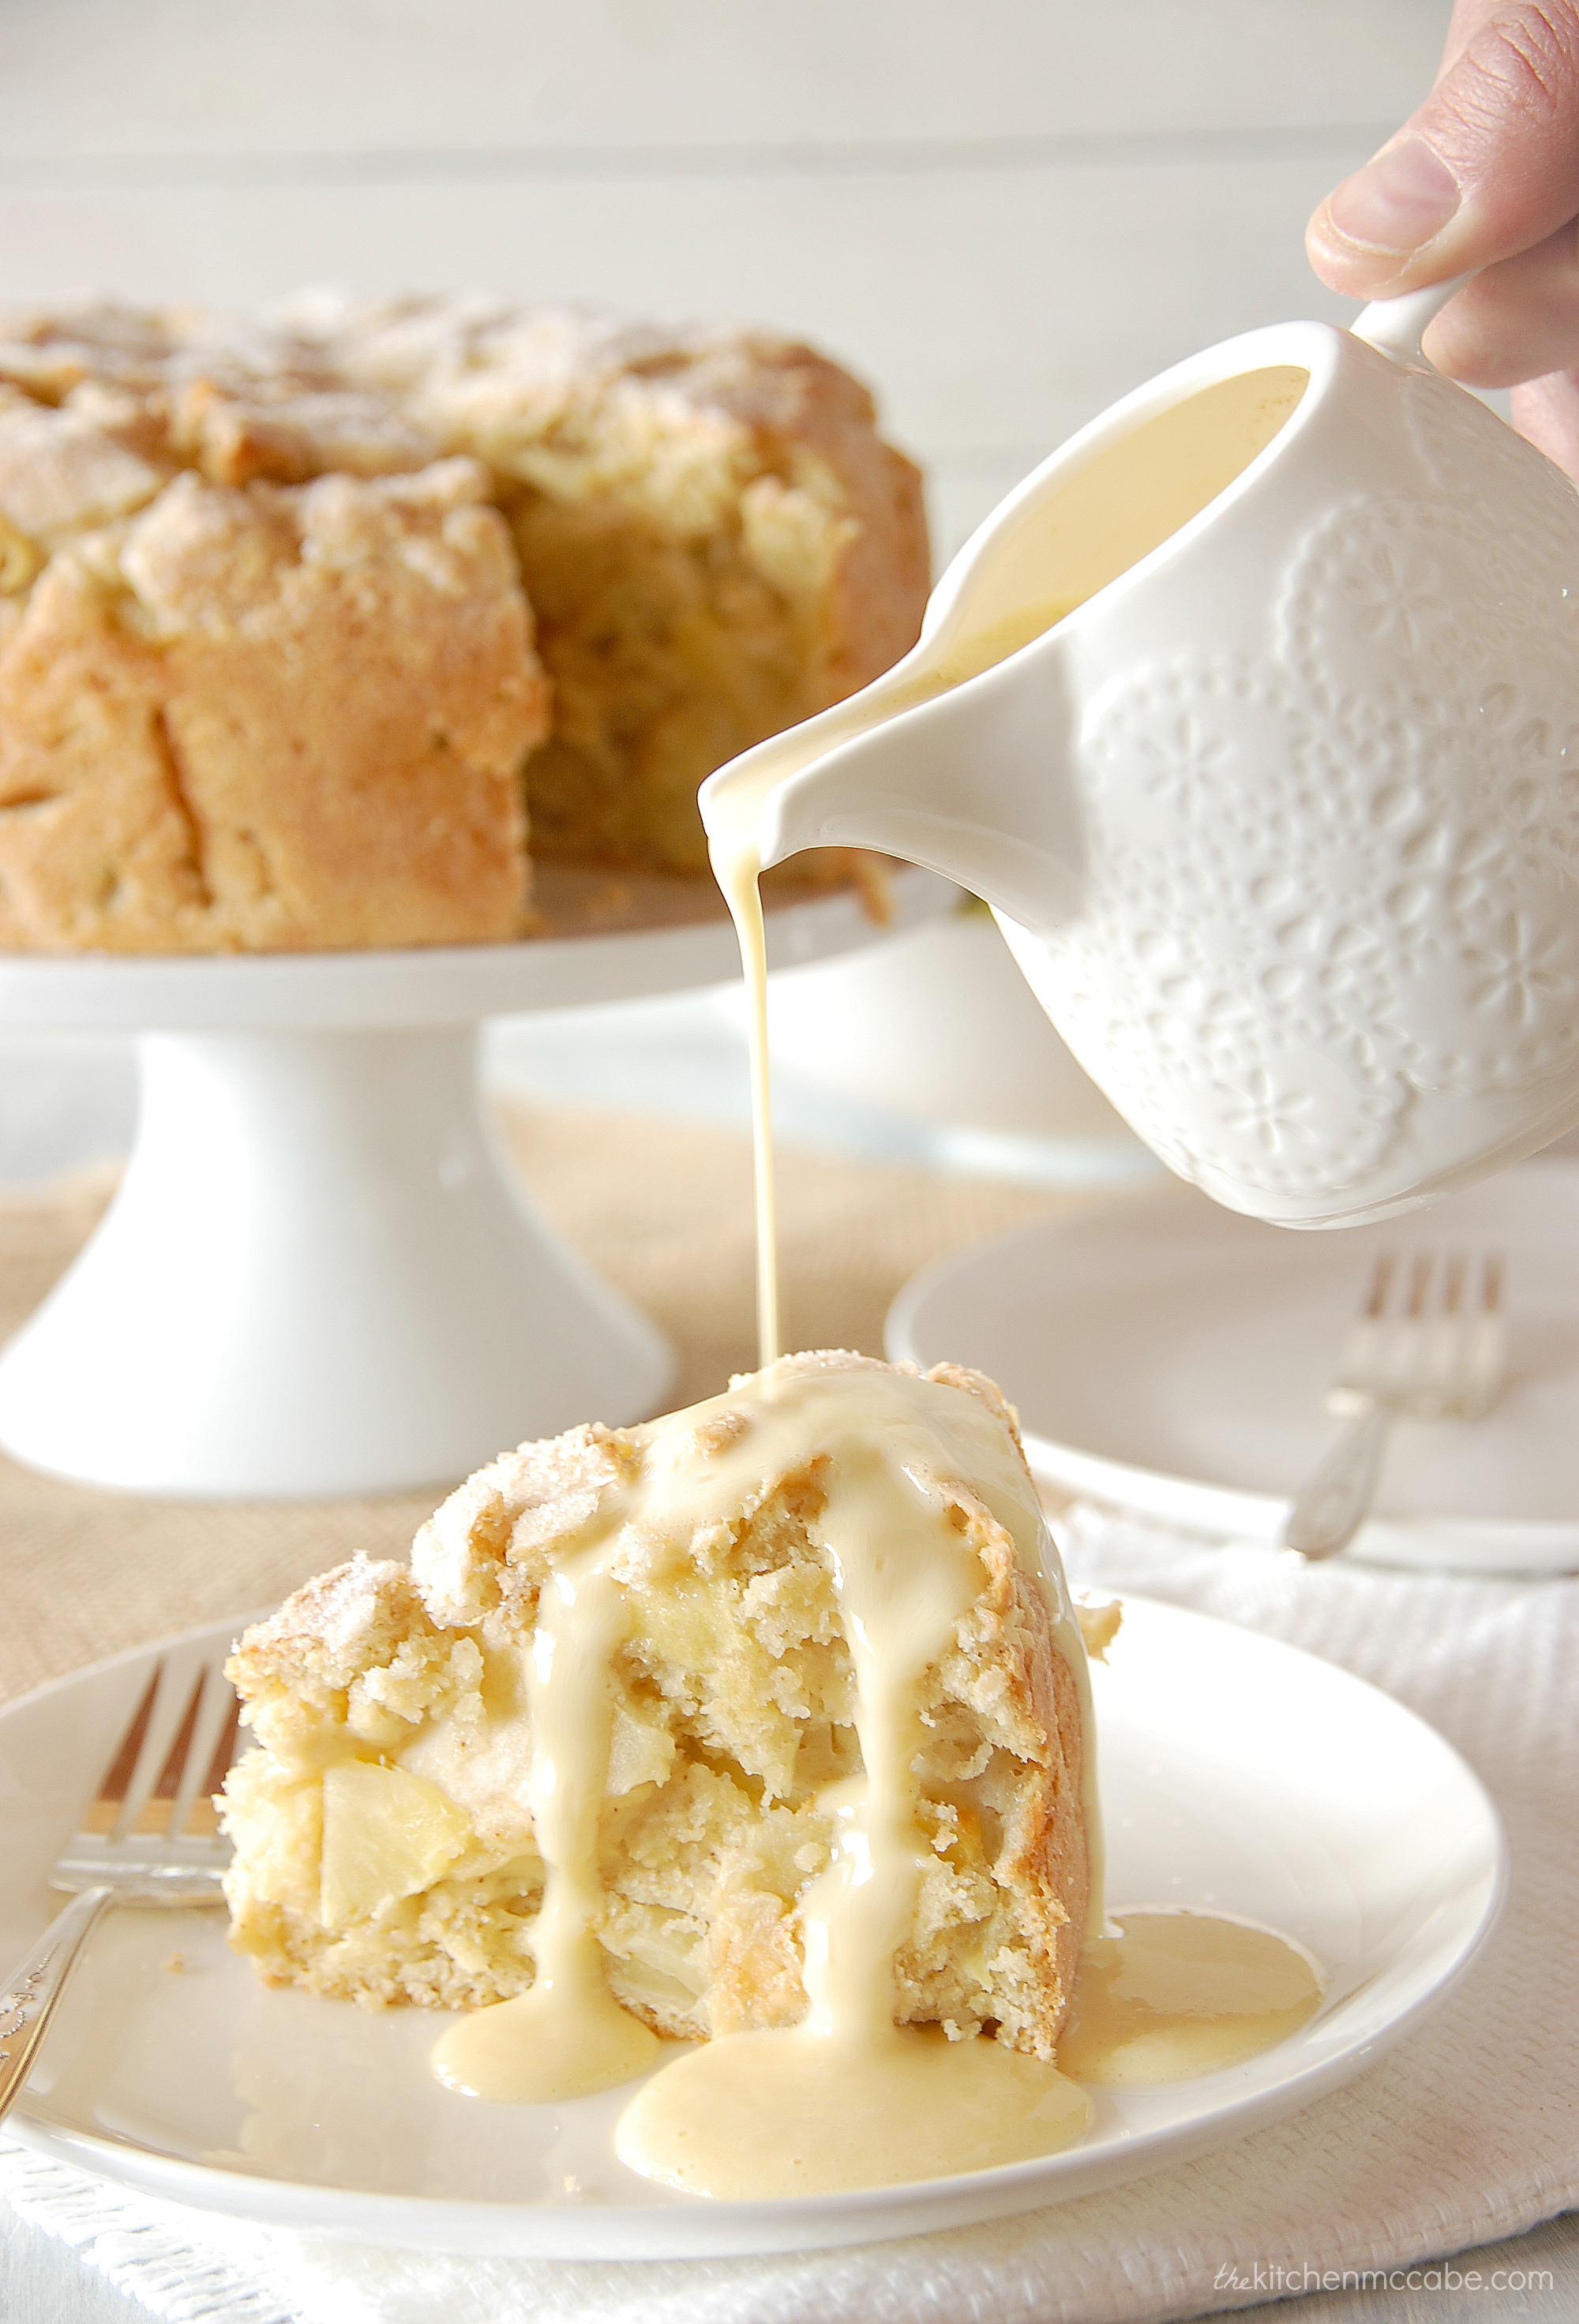 Basic Cake Mix For Apple Cake